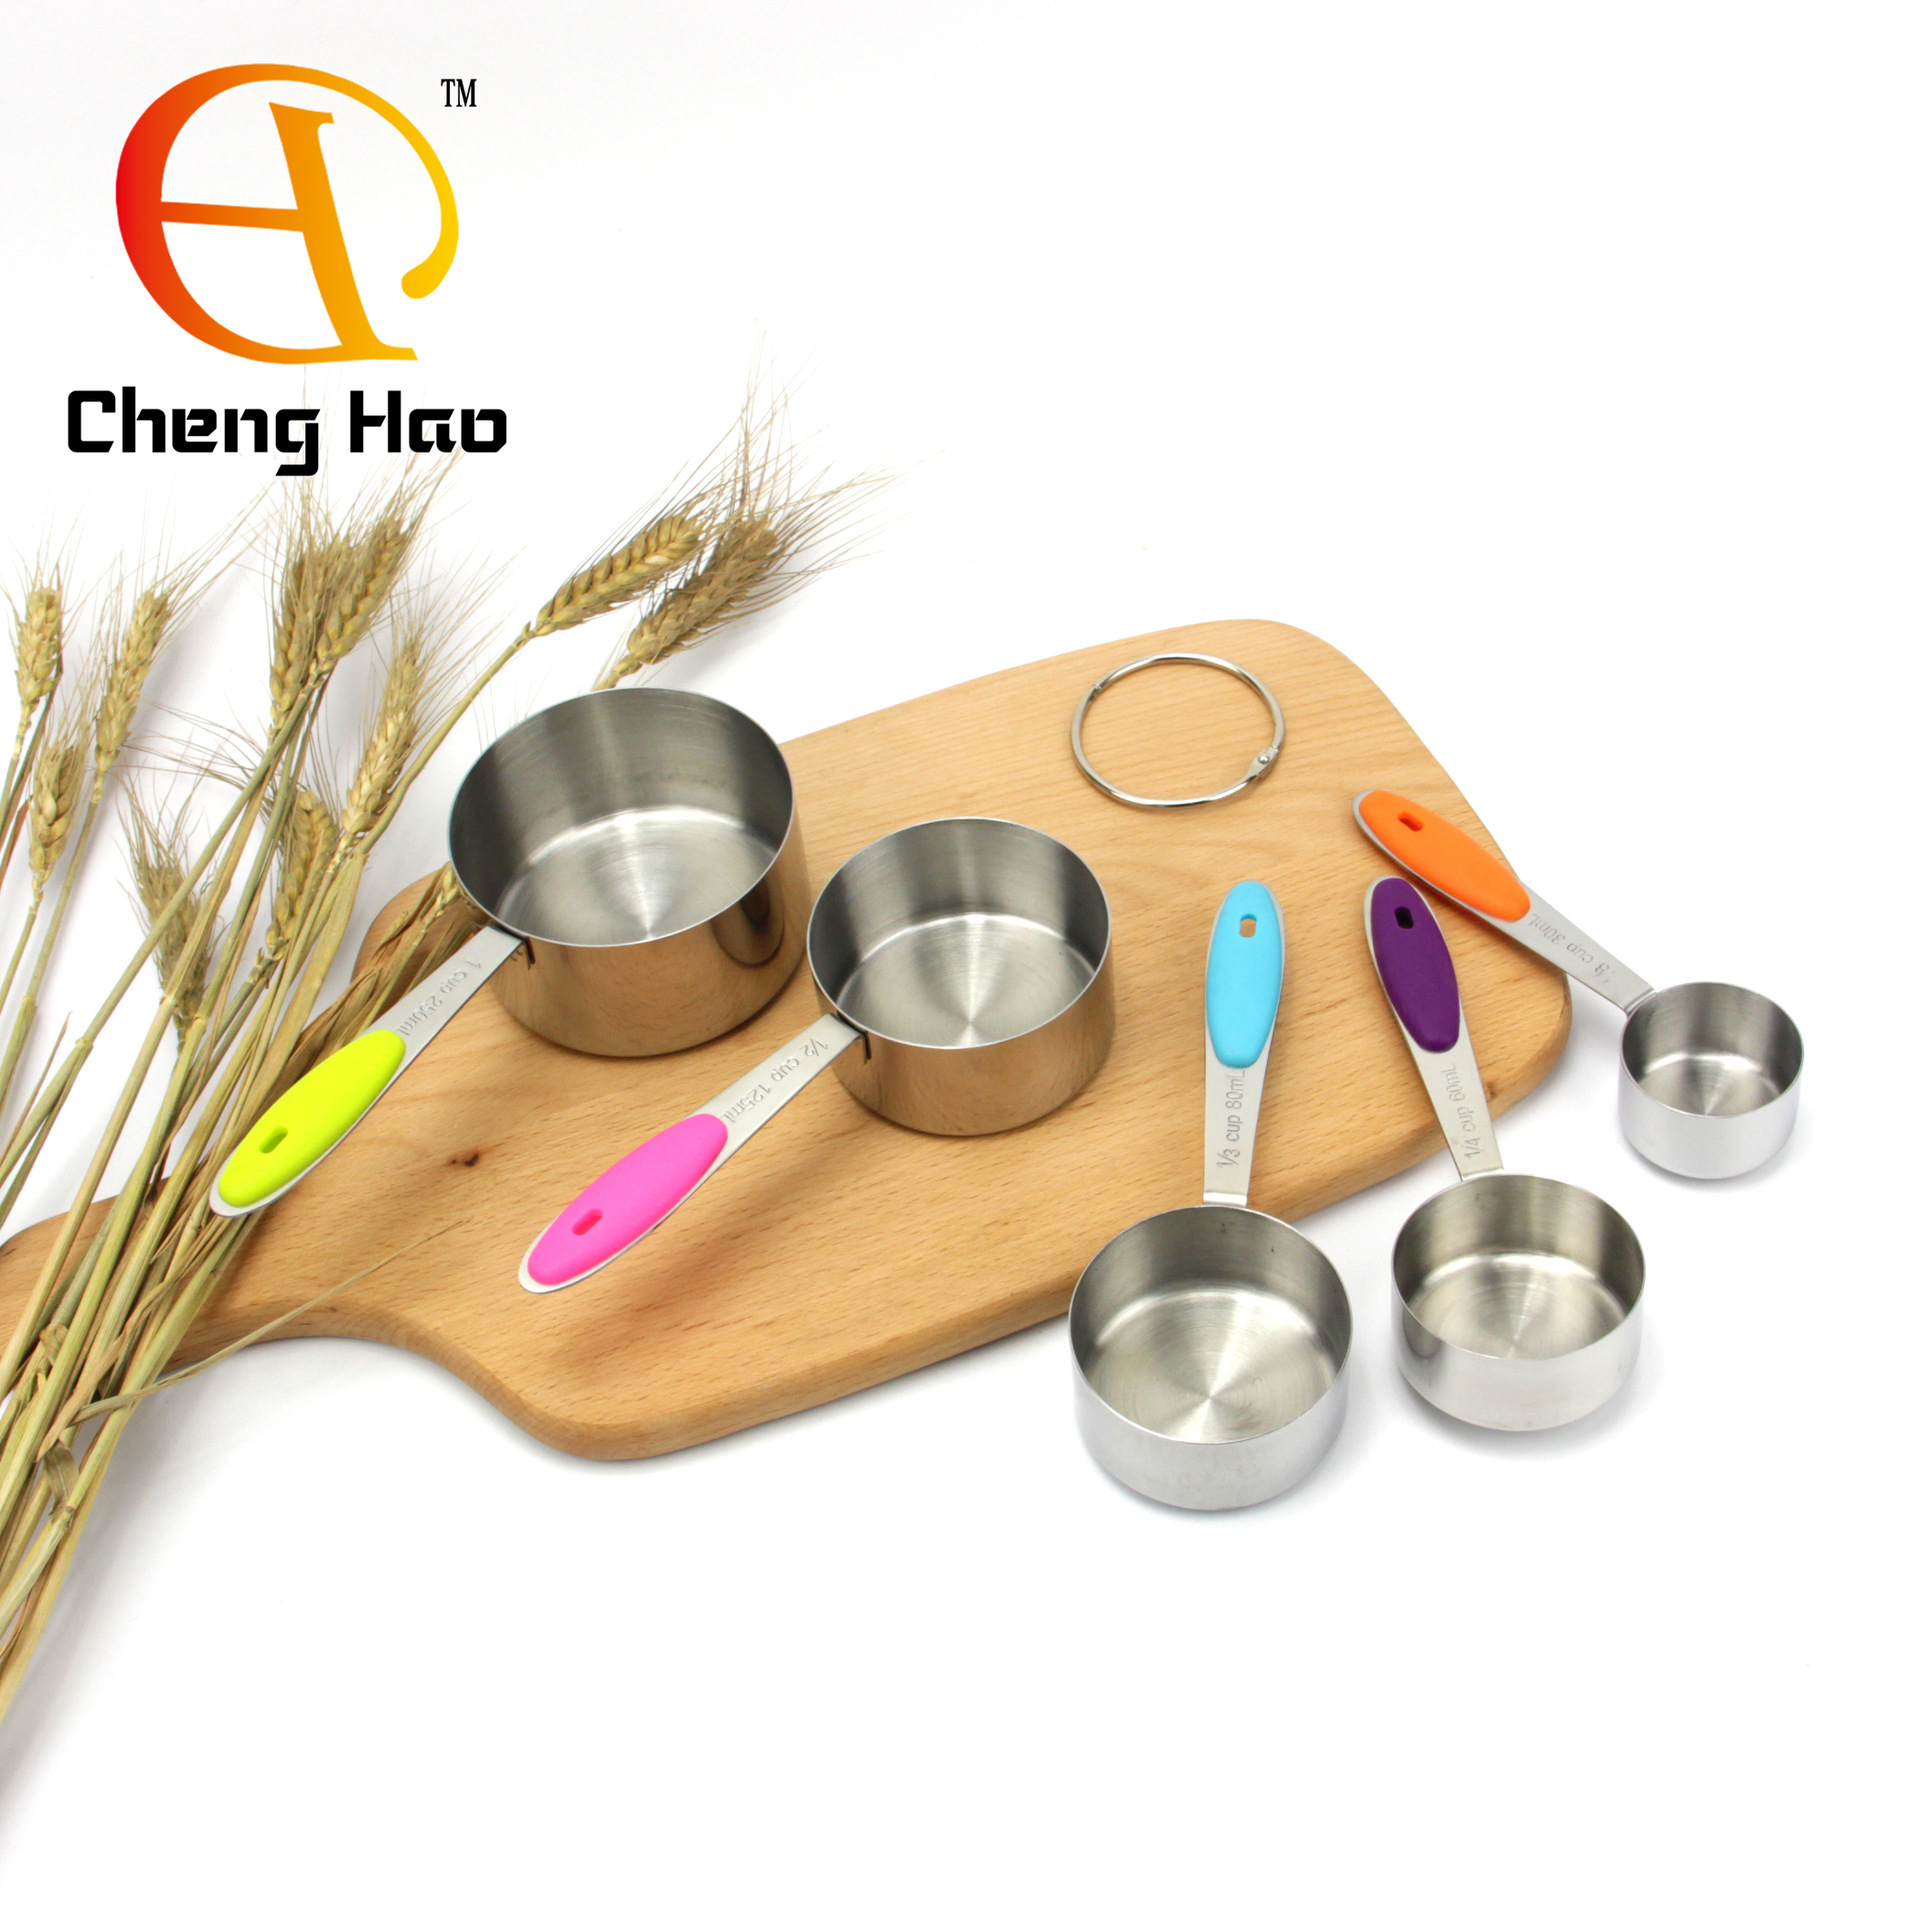 量杯五件套不锈钢硅胶烘焙工具 量勺烘焙厨房小用品厂家直销